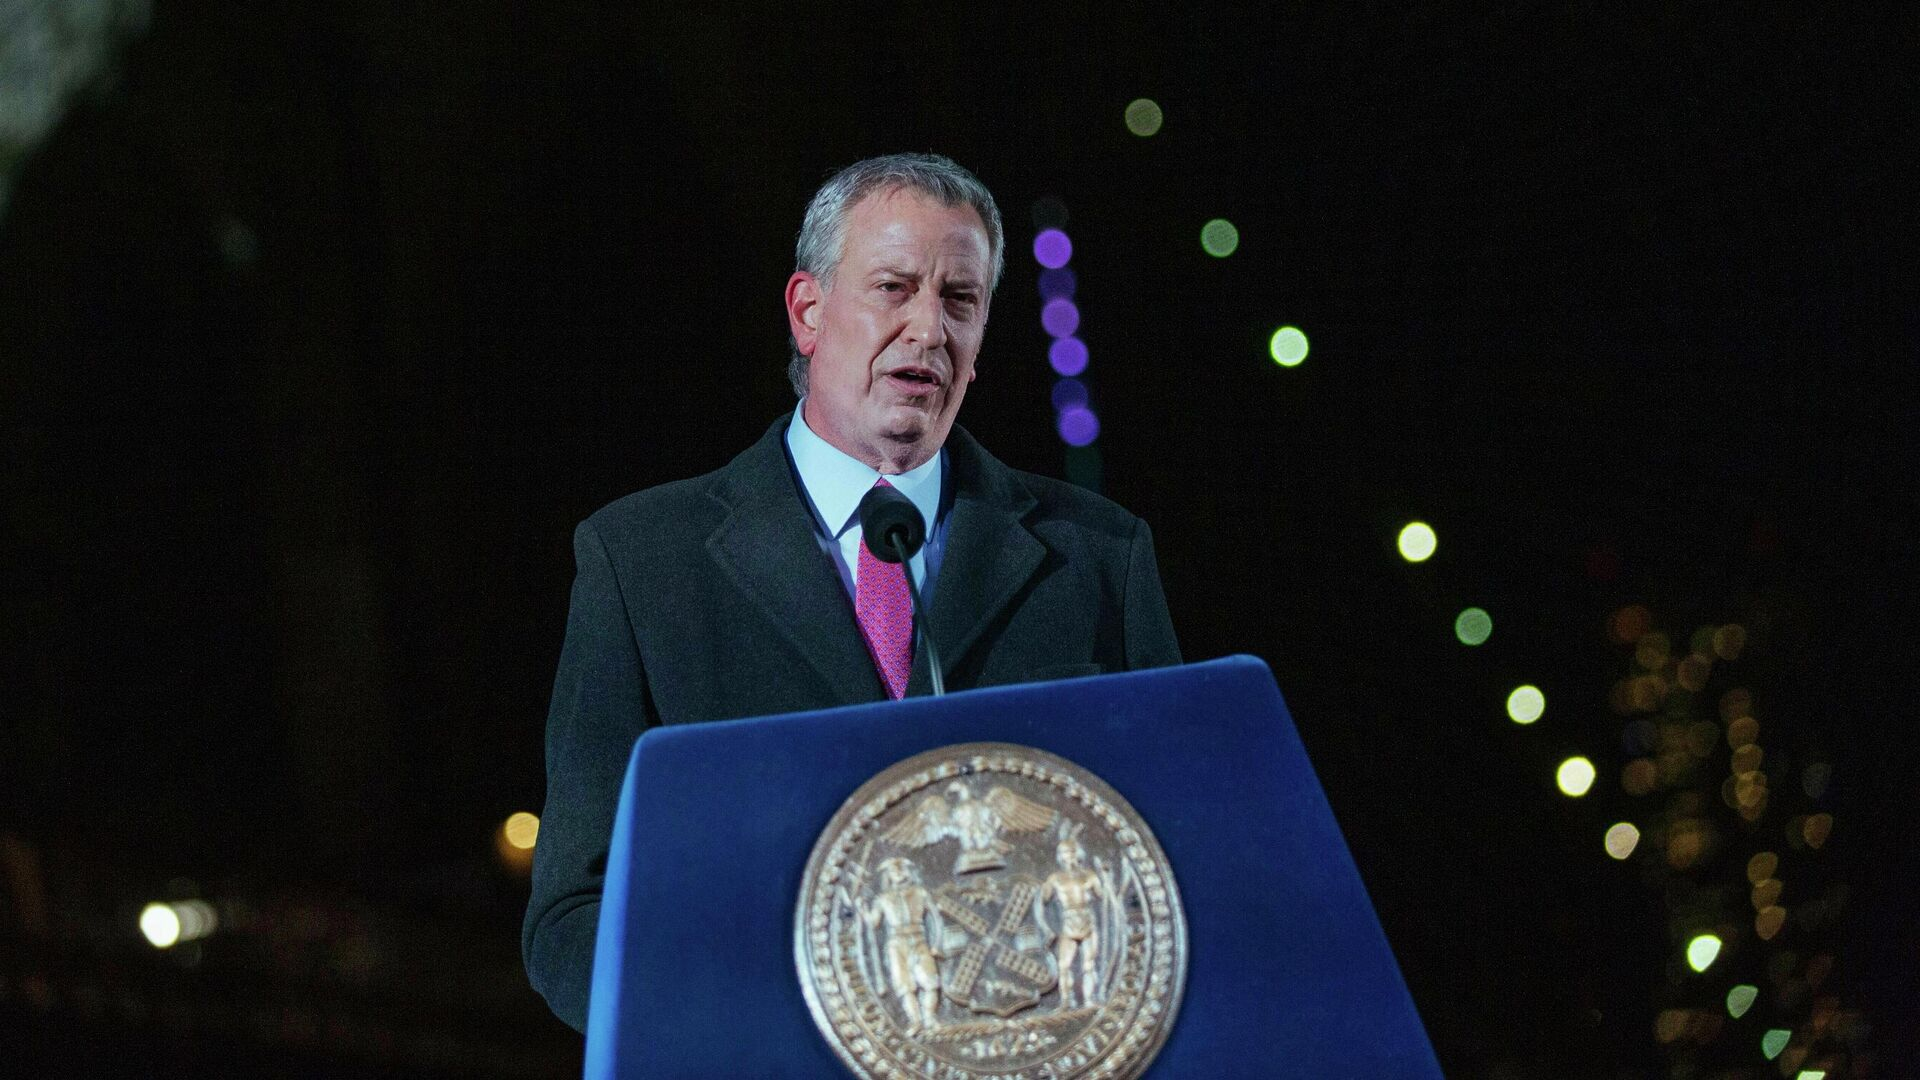 Мэр Нью-Йорка Билл де Блазио выступает на церемонии поминовения жителей Нью-Йорка, погибших во время пандемии Covid-19 - РИА Новости, 1920, 03.08.2021